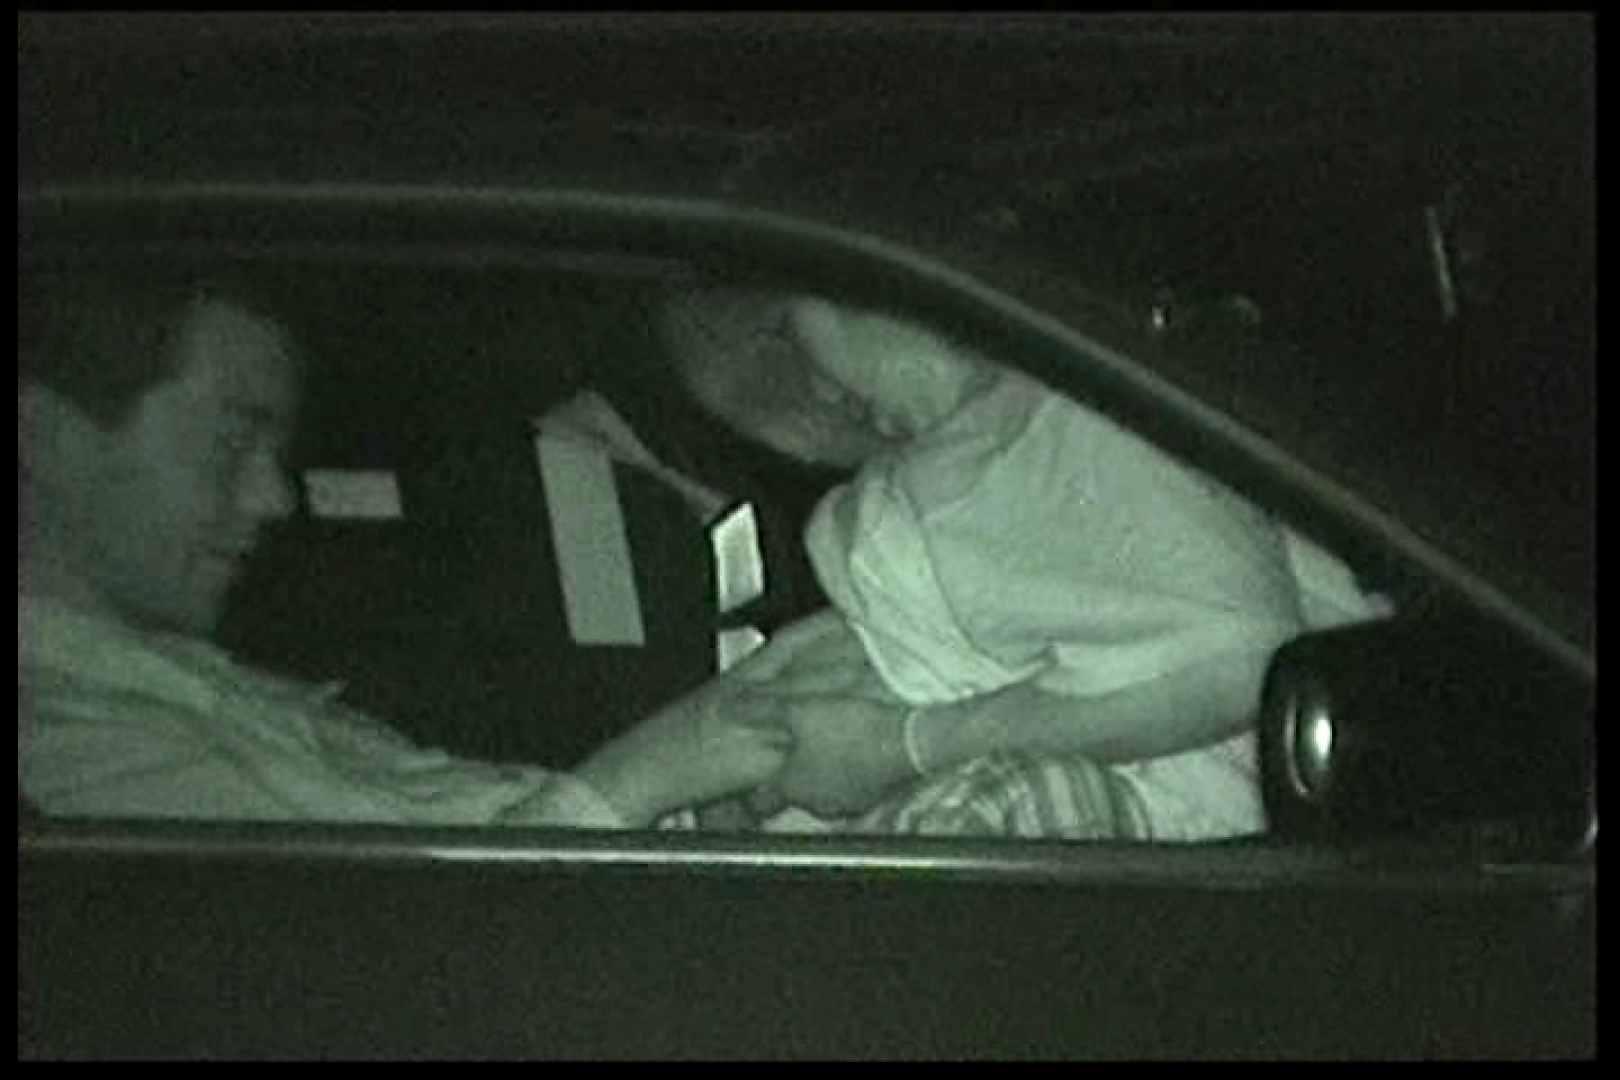 車の中はラブホテル 無修正版  Vol.13 赤外線 スケベ動画紹介 80連発 41